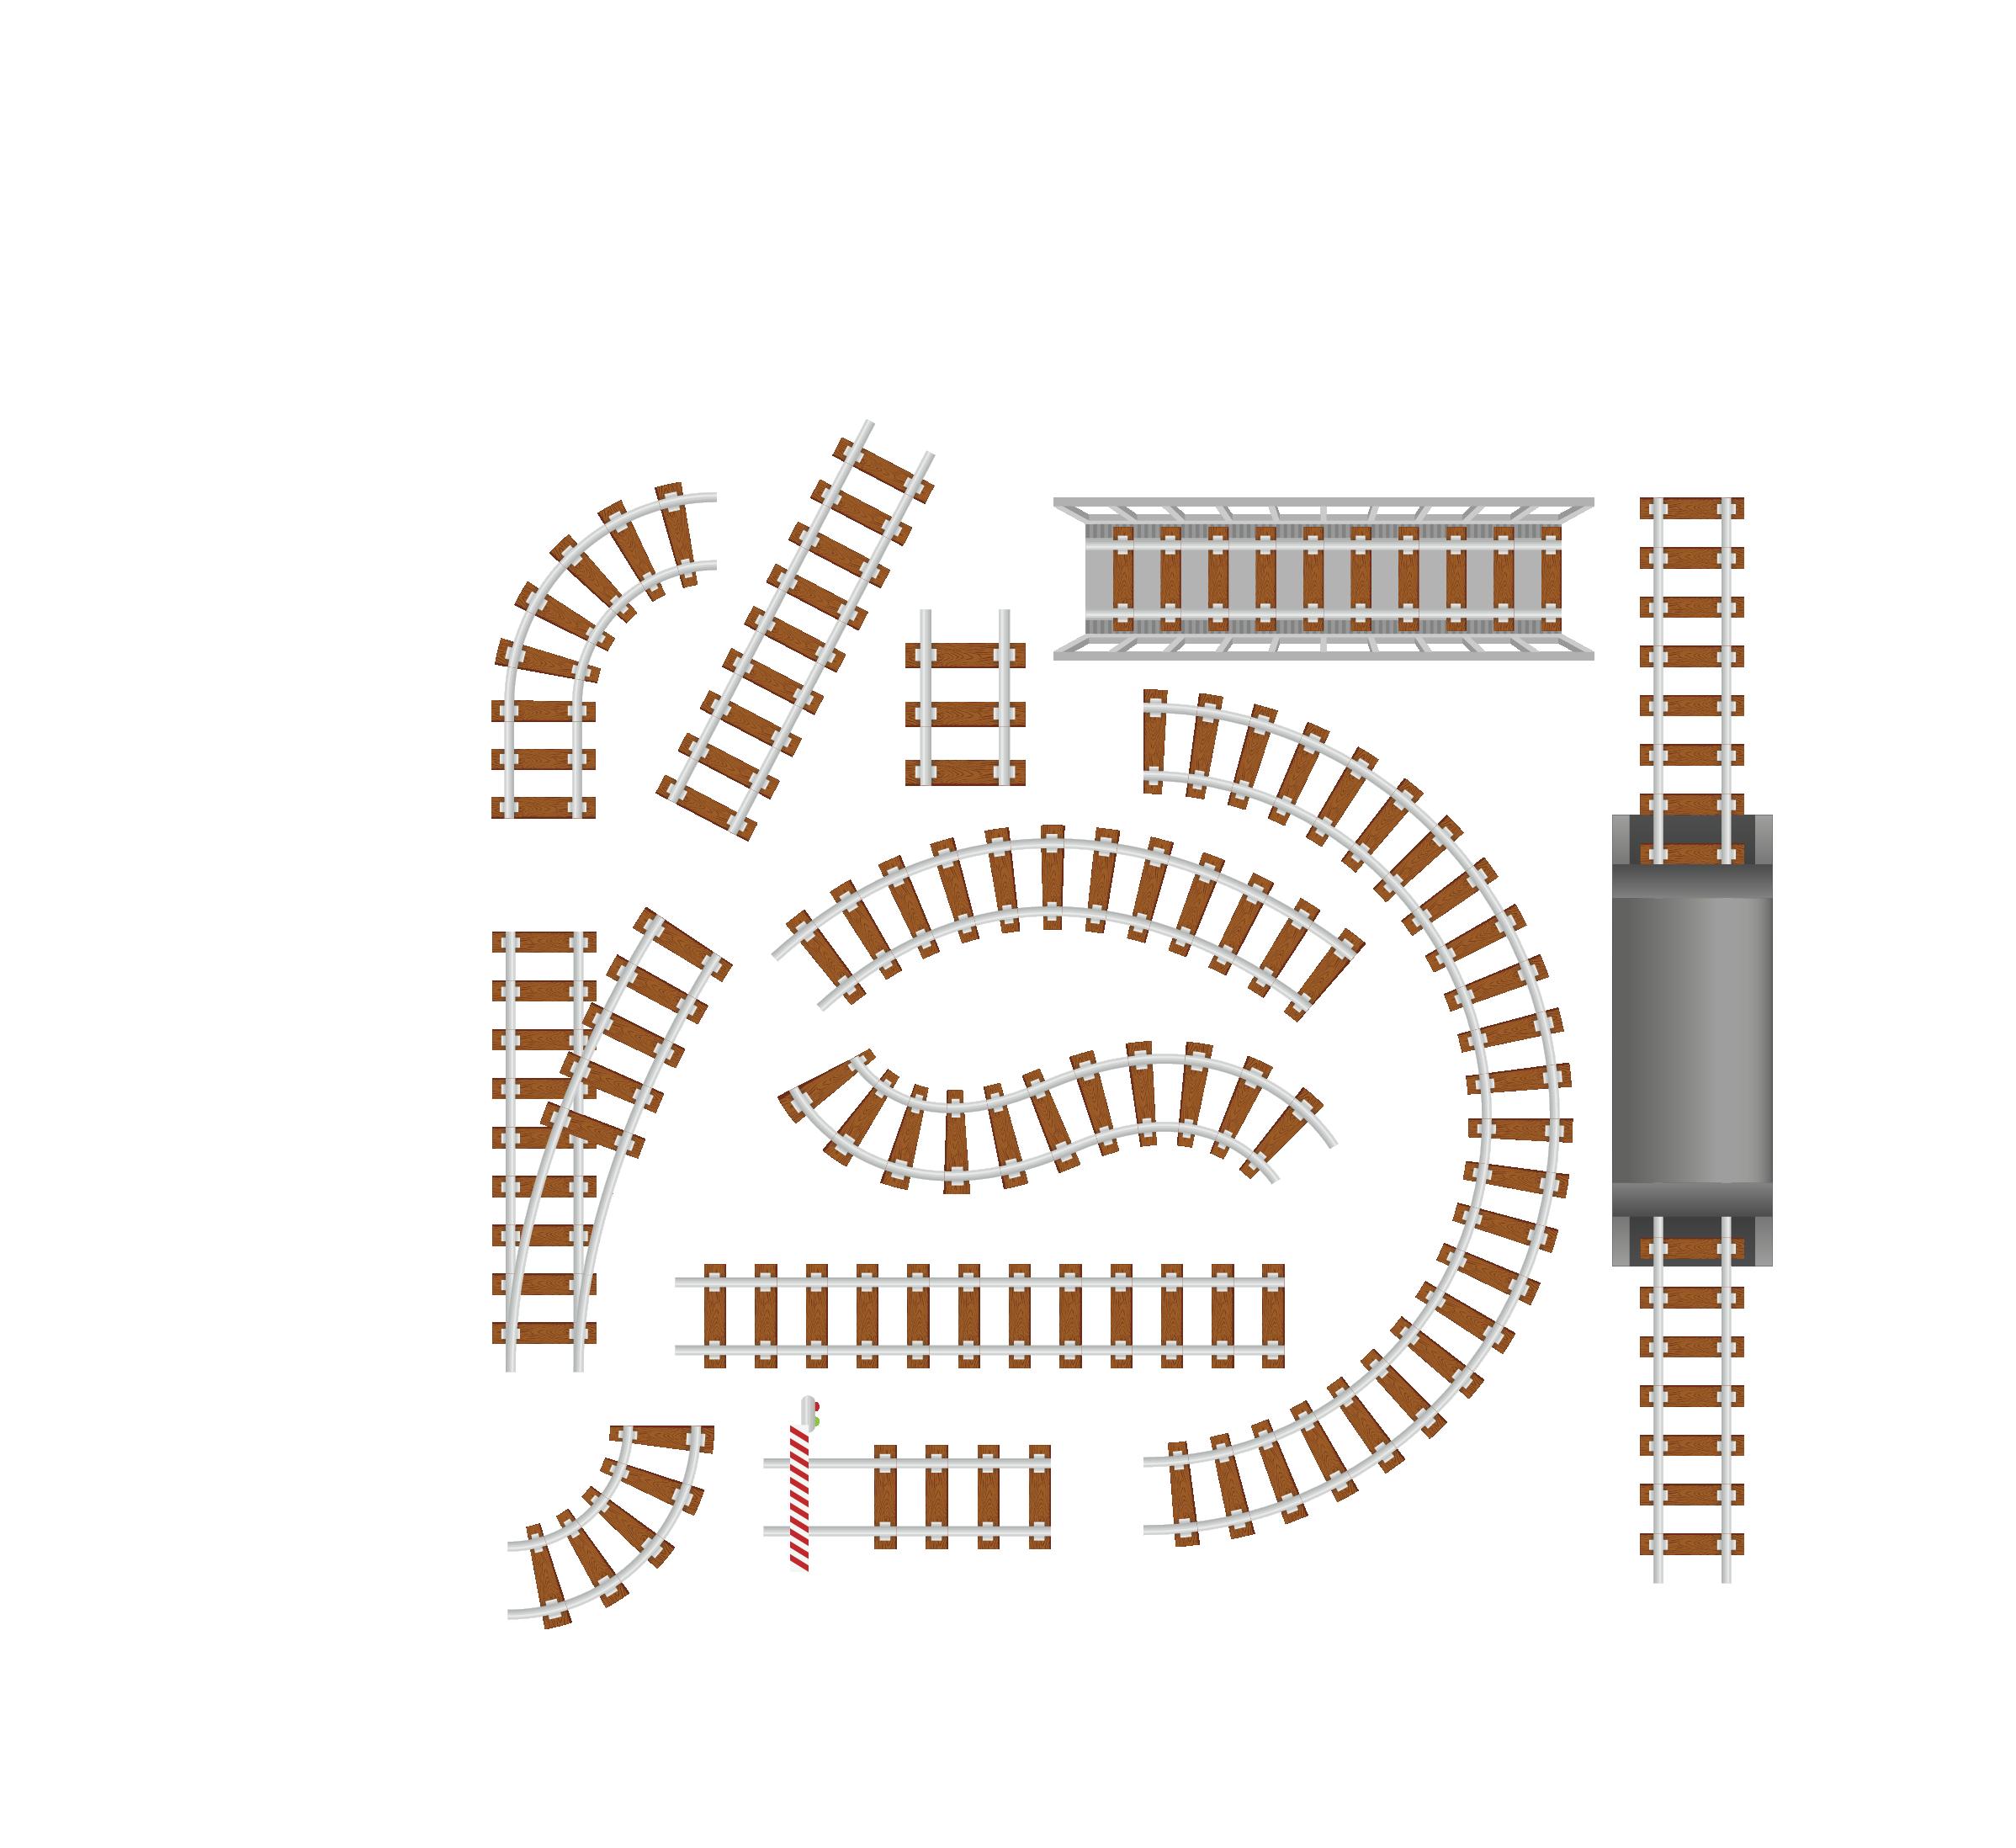 2396x2196 Rail Transport Train Track